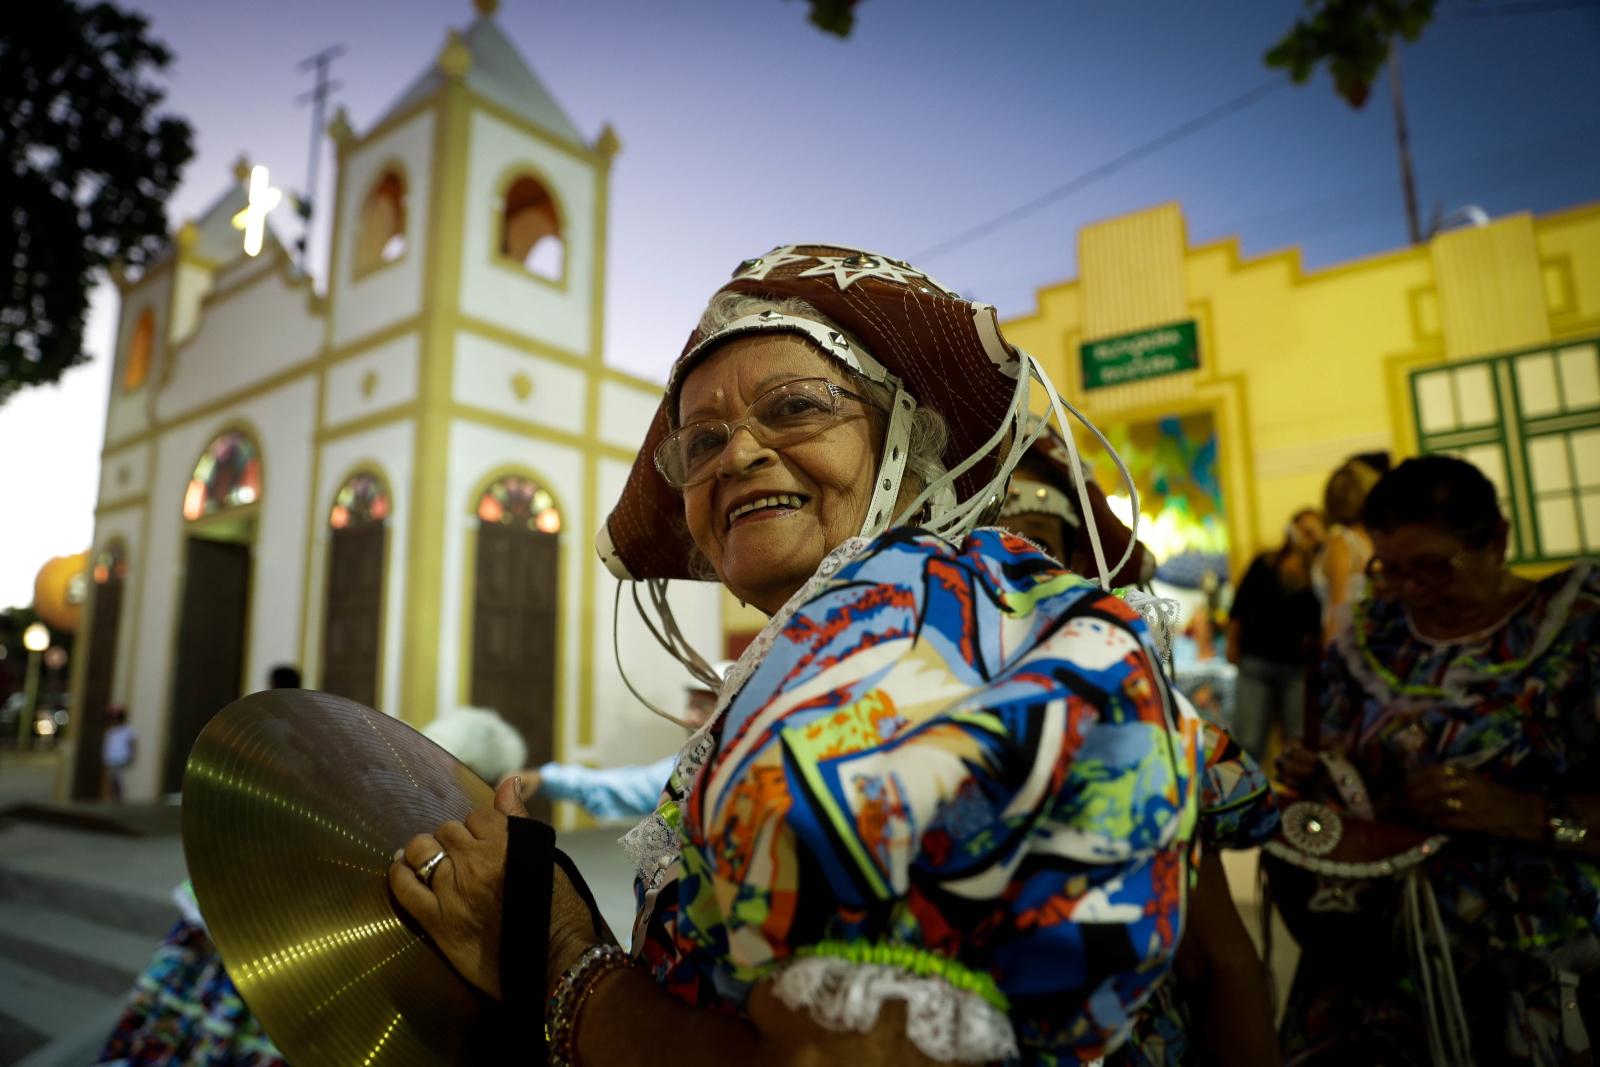 Zapach prochu, smak pieczonej kukurydzy i dźwięk tradycyjnych zespołów przyciągają turystów do miasta Caruaru każdego roku, aby uczcić to, co uważane jest za największe święto św. Jana na świecie.  Fot. EPA/Fernando Bizerra Jr